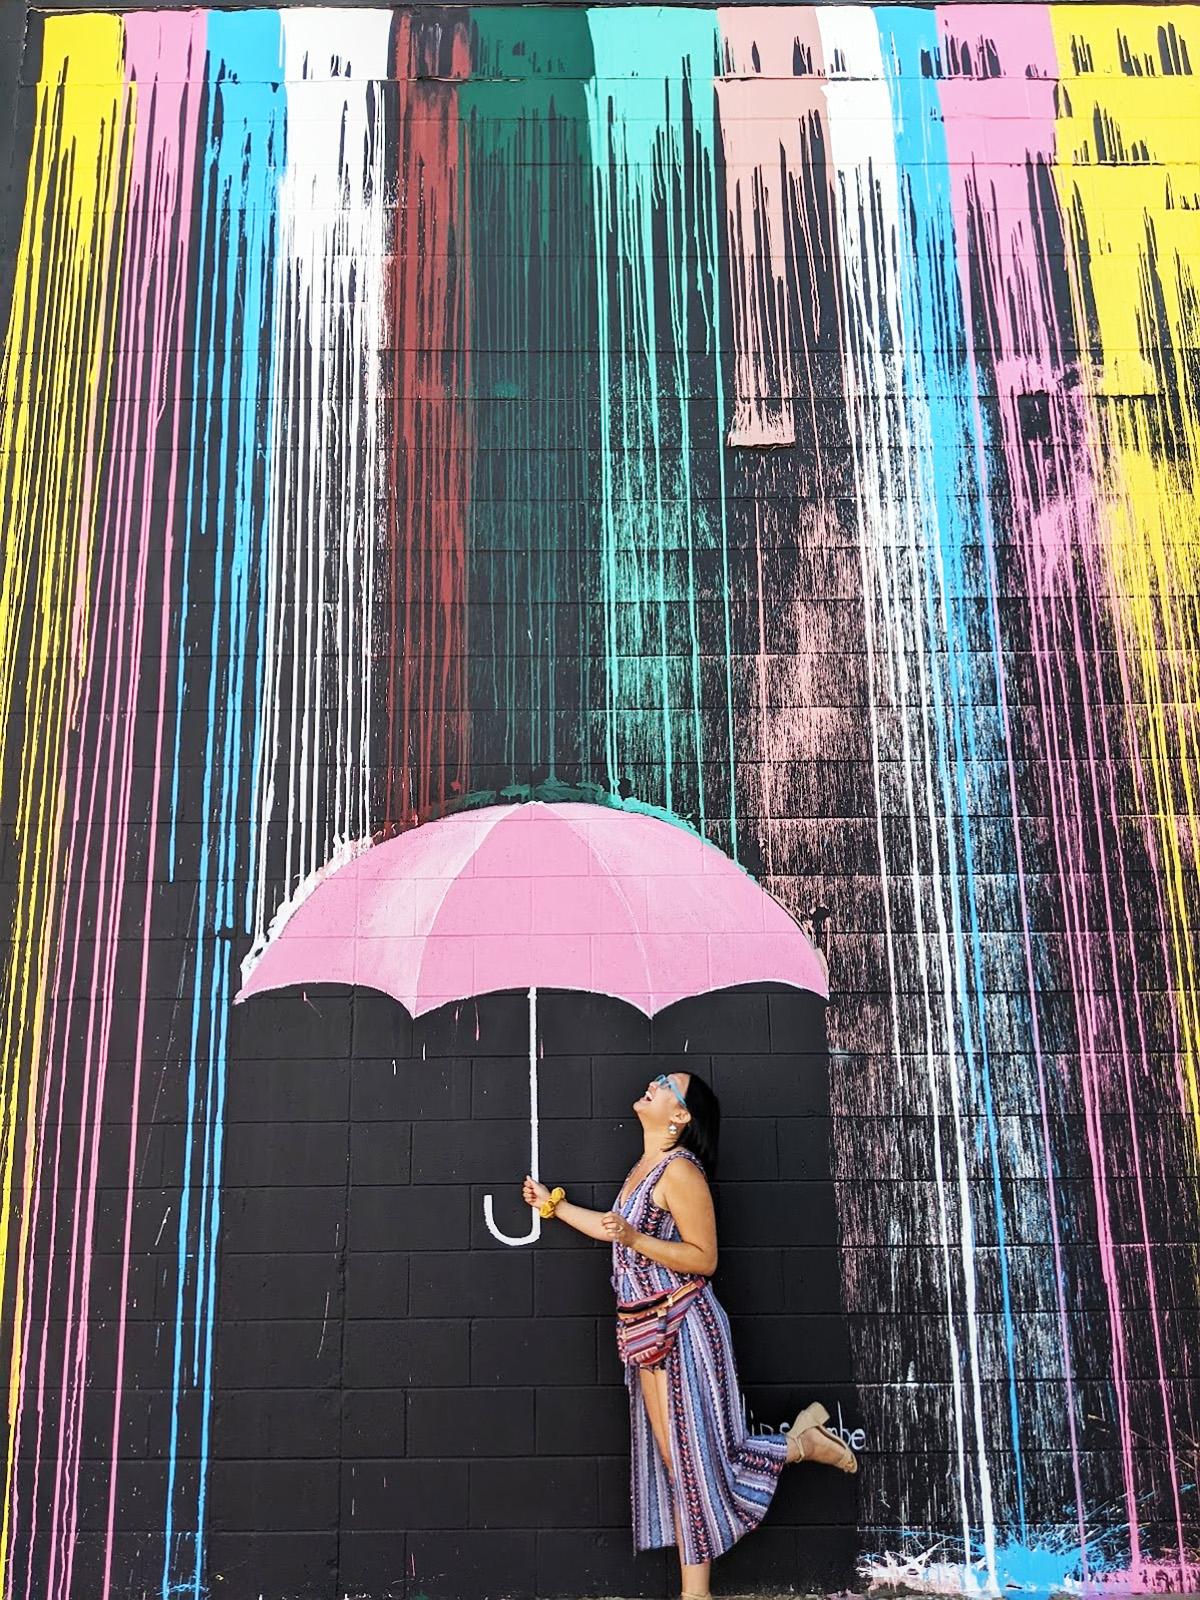 Instagrammable Walls of Edmonton - Explore Edmonton - Murals - Walls - West Edmonton - The Creative Hive